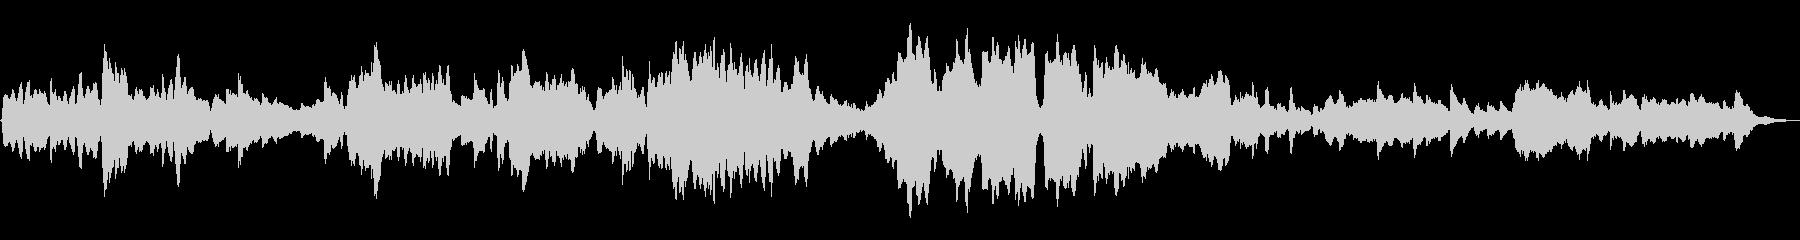 不思議な森 ループ曲 フルートとハープの未再生の波形